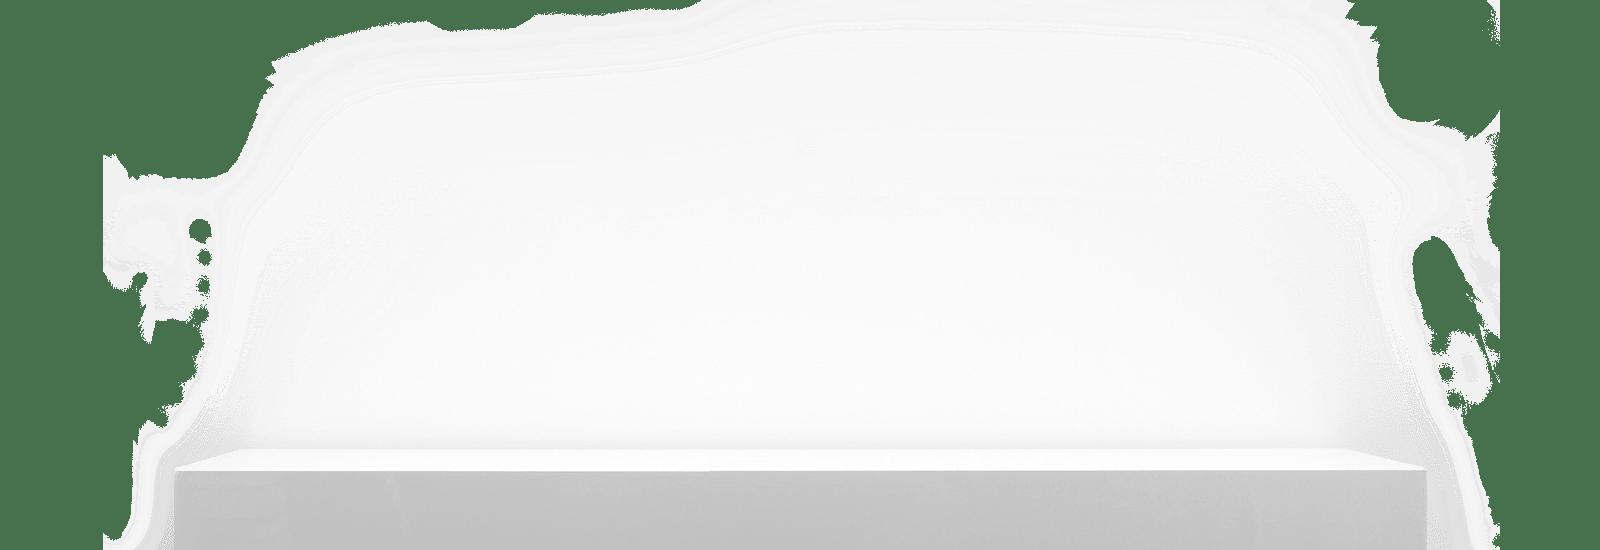 فیلترکالا | ورودی ساختمان